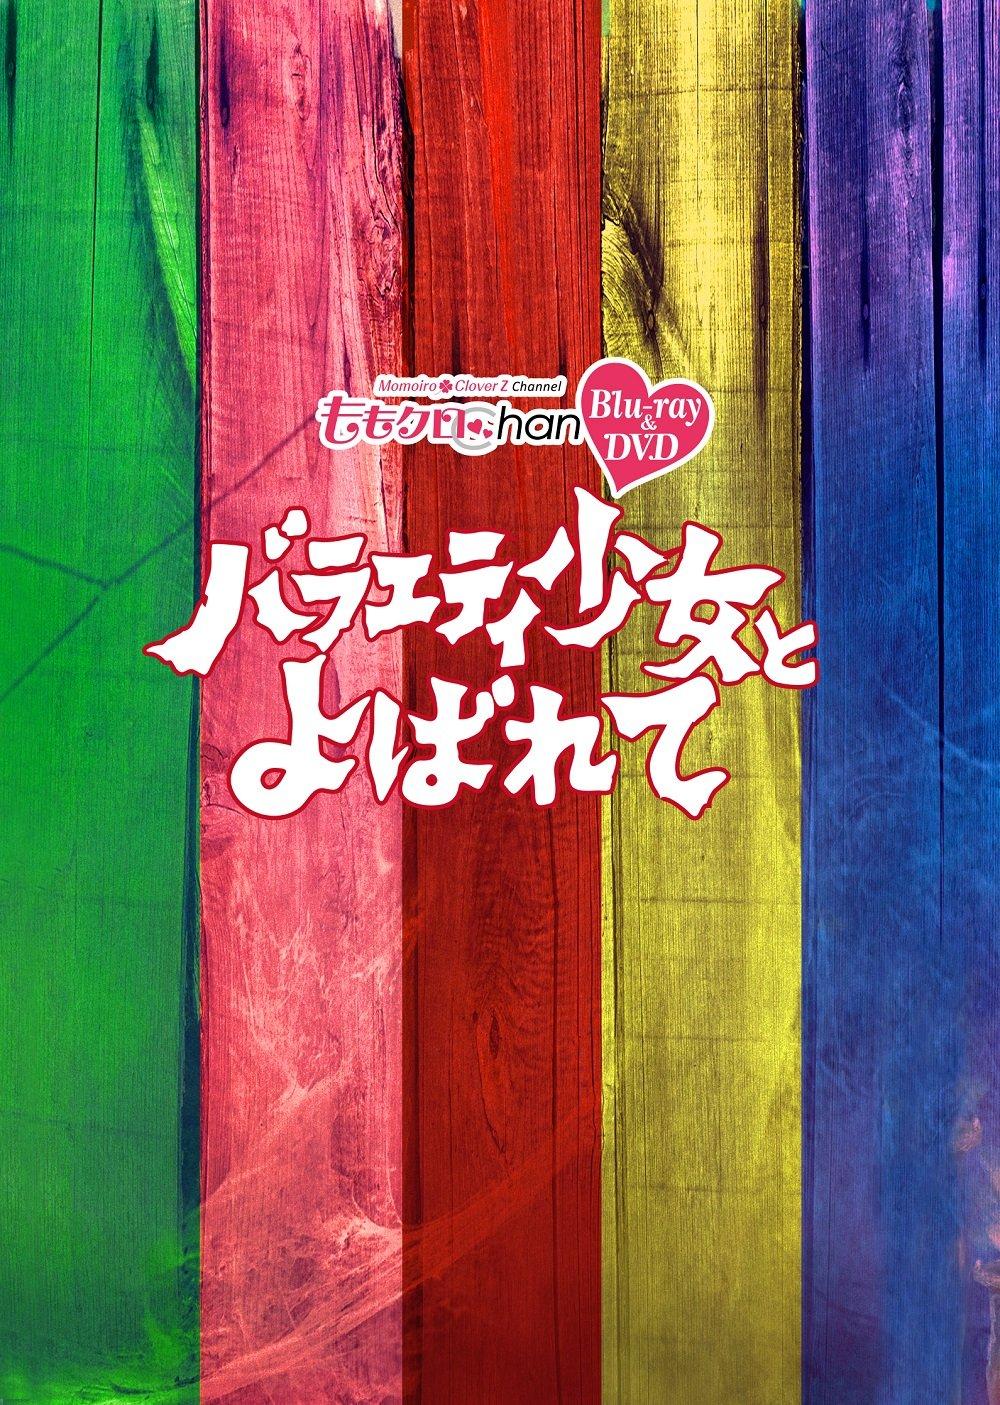 【Amazon.co.jp限定】「ももクロChan」第6弾『バラエティ少女とよばれて』第27集~第31集セット Blu-ray(早期購入特典:卓上カレンダー付)(オリジナル特典:缶バッチ5個セット付)